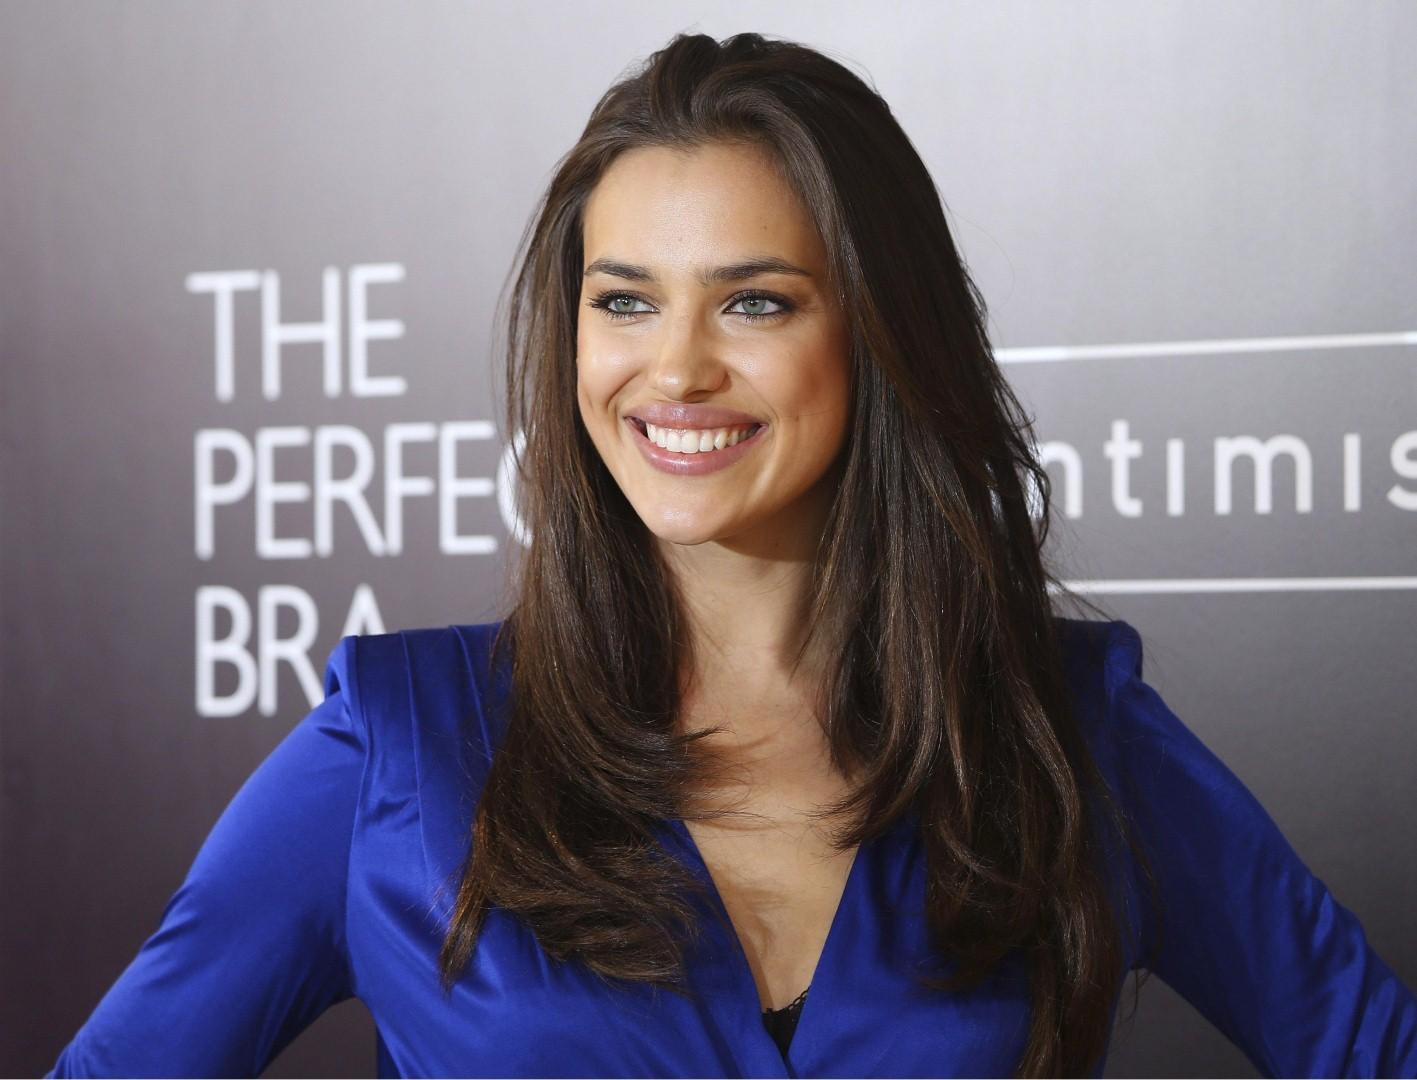 """È stata la modella a dare la notizia sulla sua pagina Instagram, commentando: """"Innamorata del mio nuovo bralette"""". Niente paura Bradley, parliamo del mix tra un top e un reggiseno che Irina porta come poche altre al mondo."""